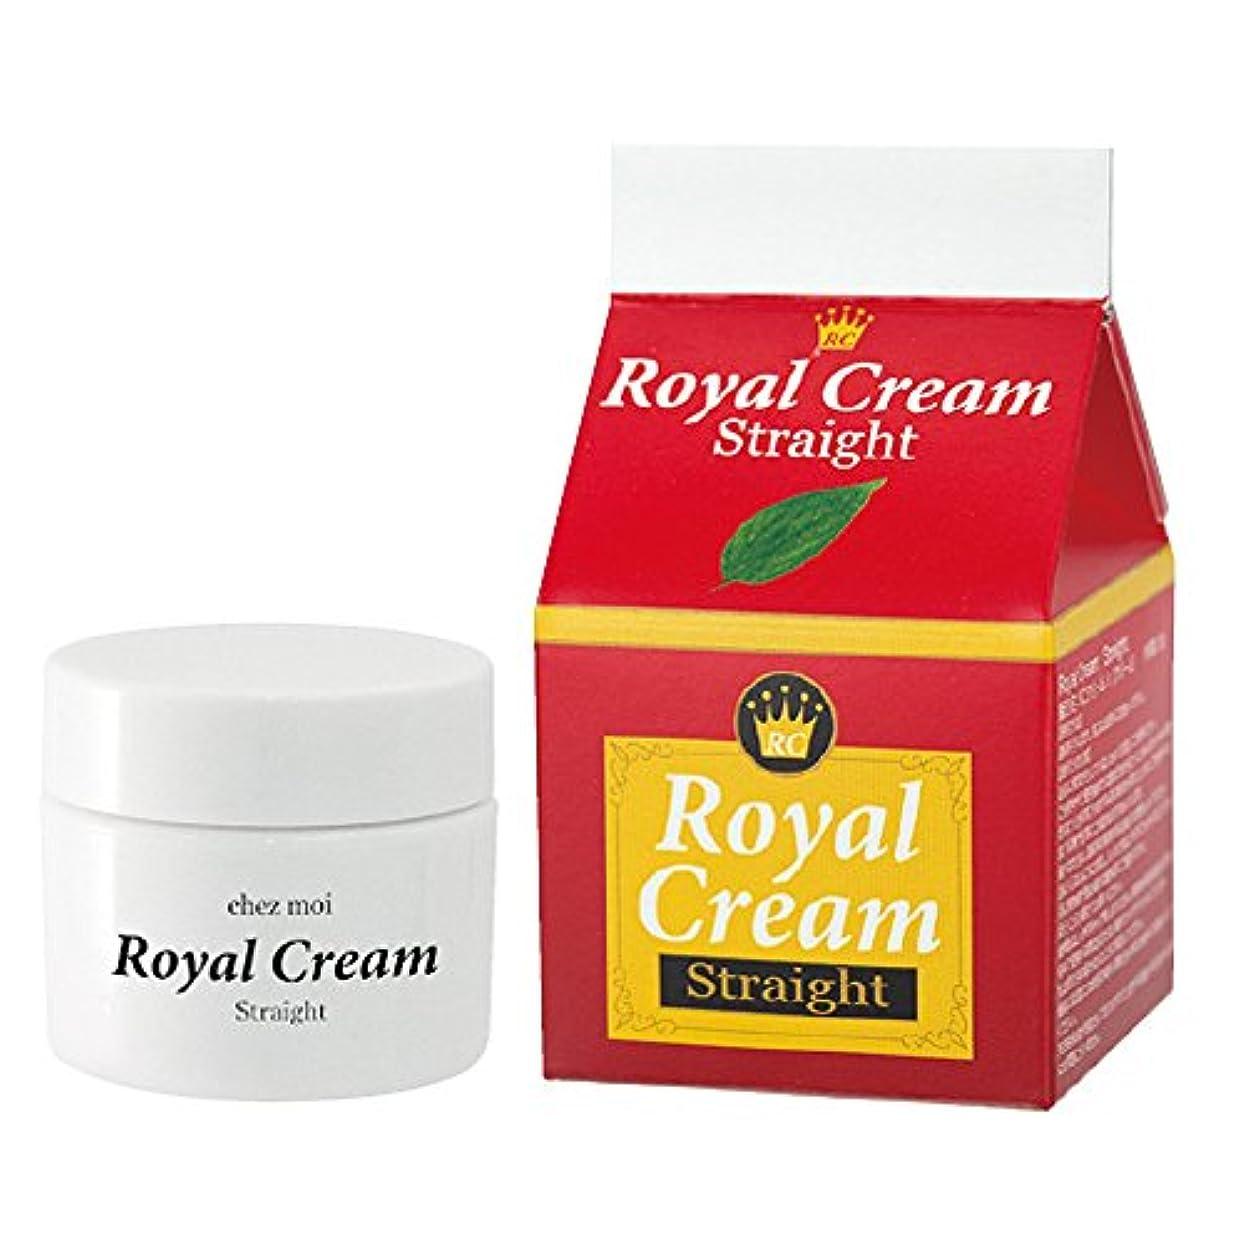 相互接続浜辺アドバイスシェモア Royal Cream Straight(ロイヤルクリームストレート) 30g